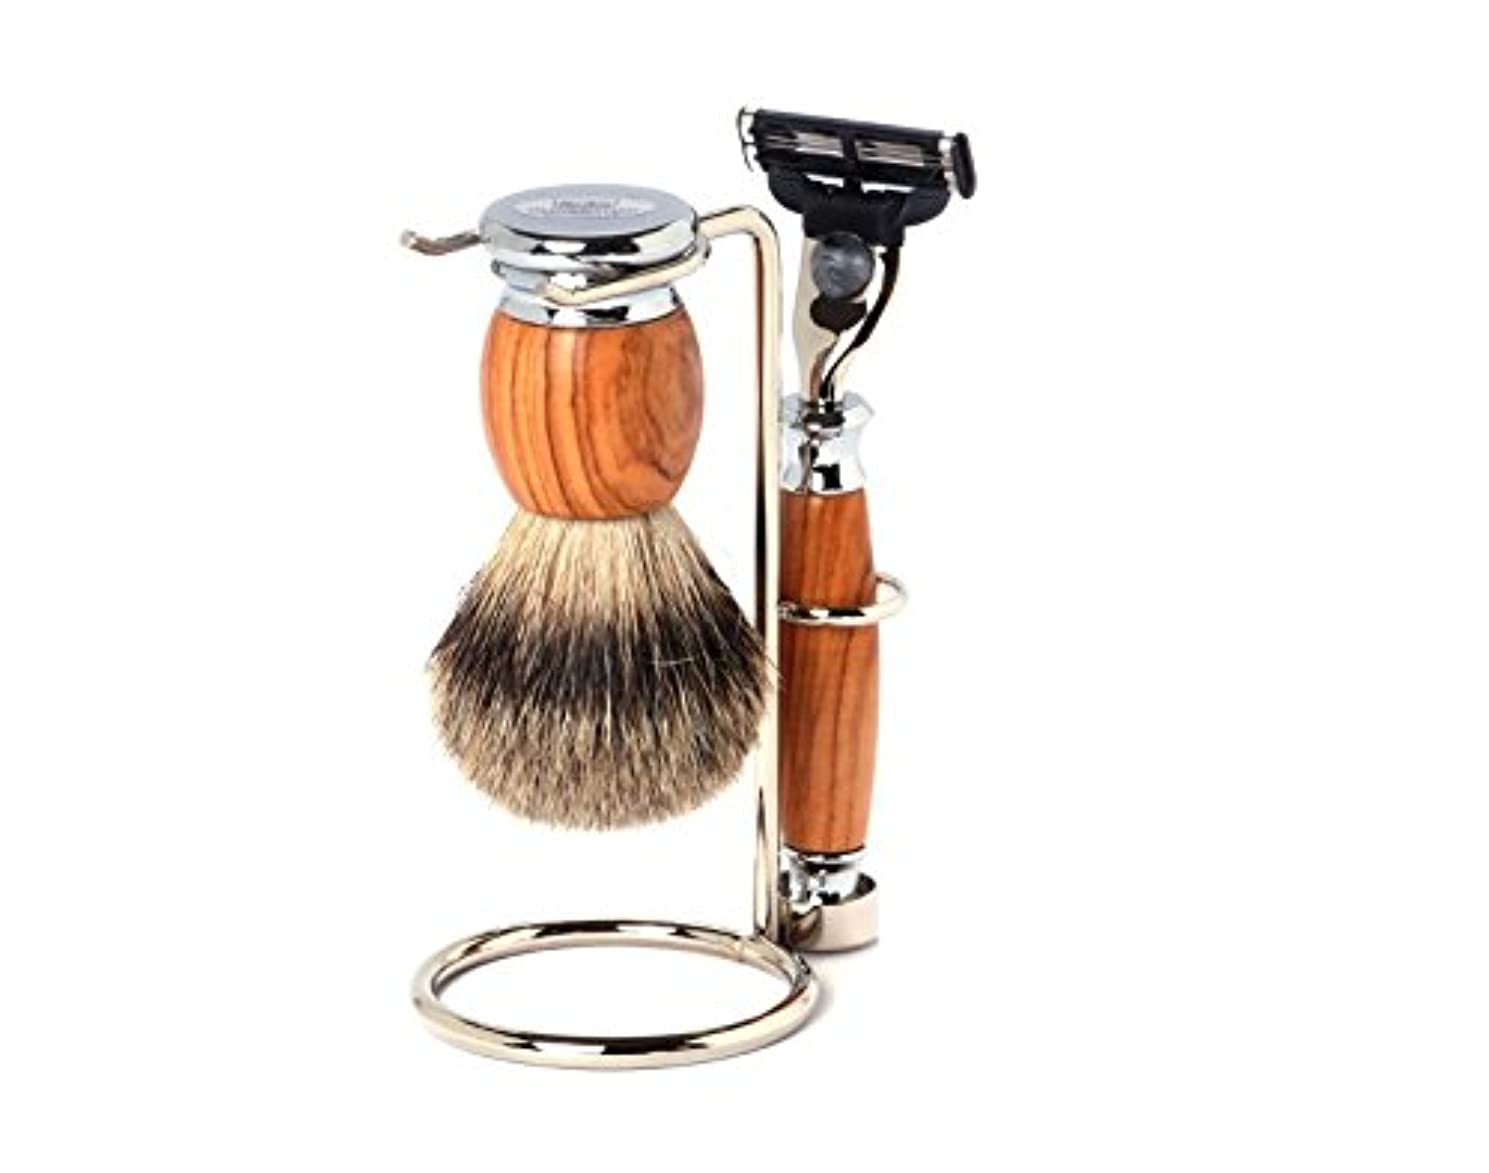 残り腐食する入力Shaving Set Olive, Mach3 razor, silvertip brush and stand - Hans Baier